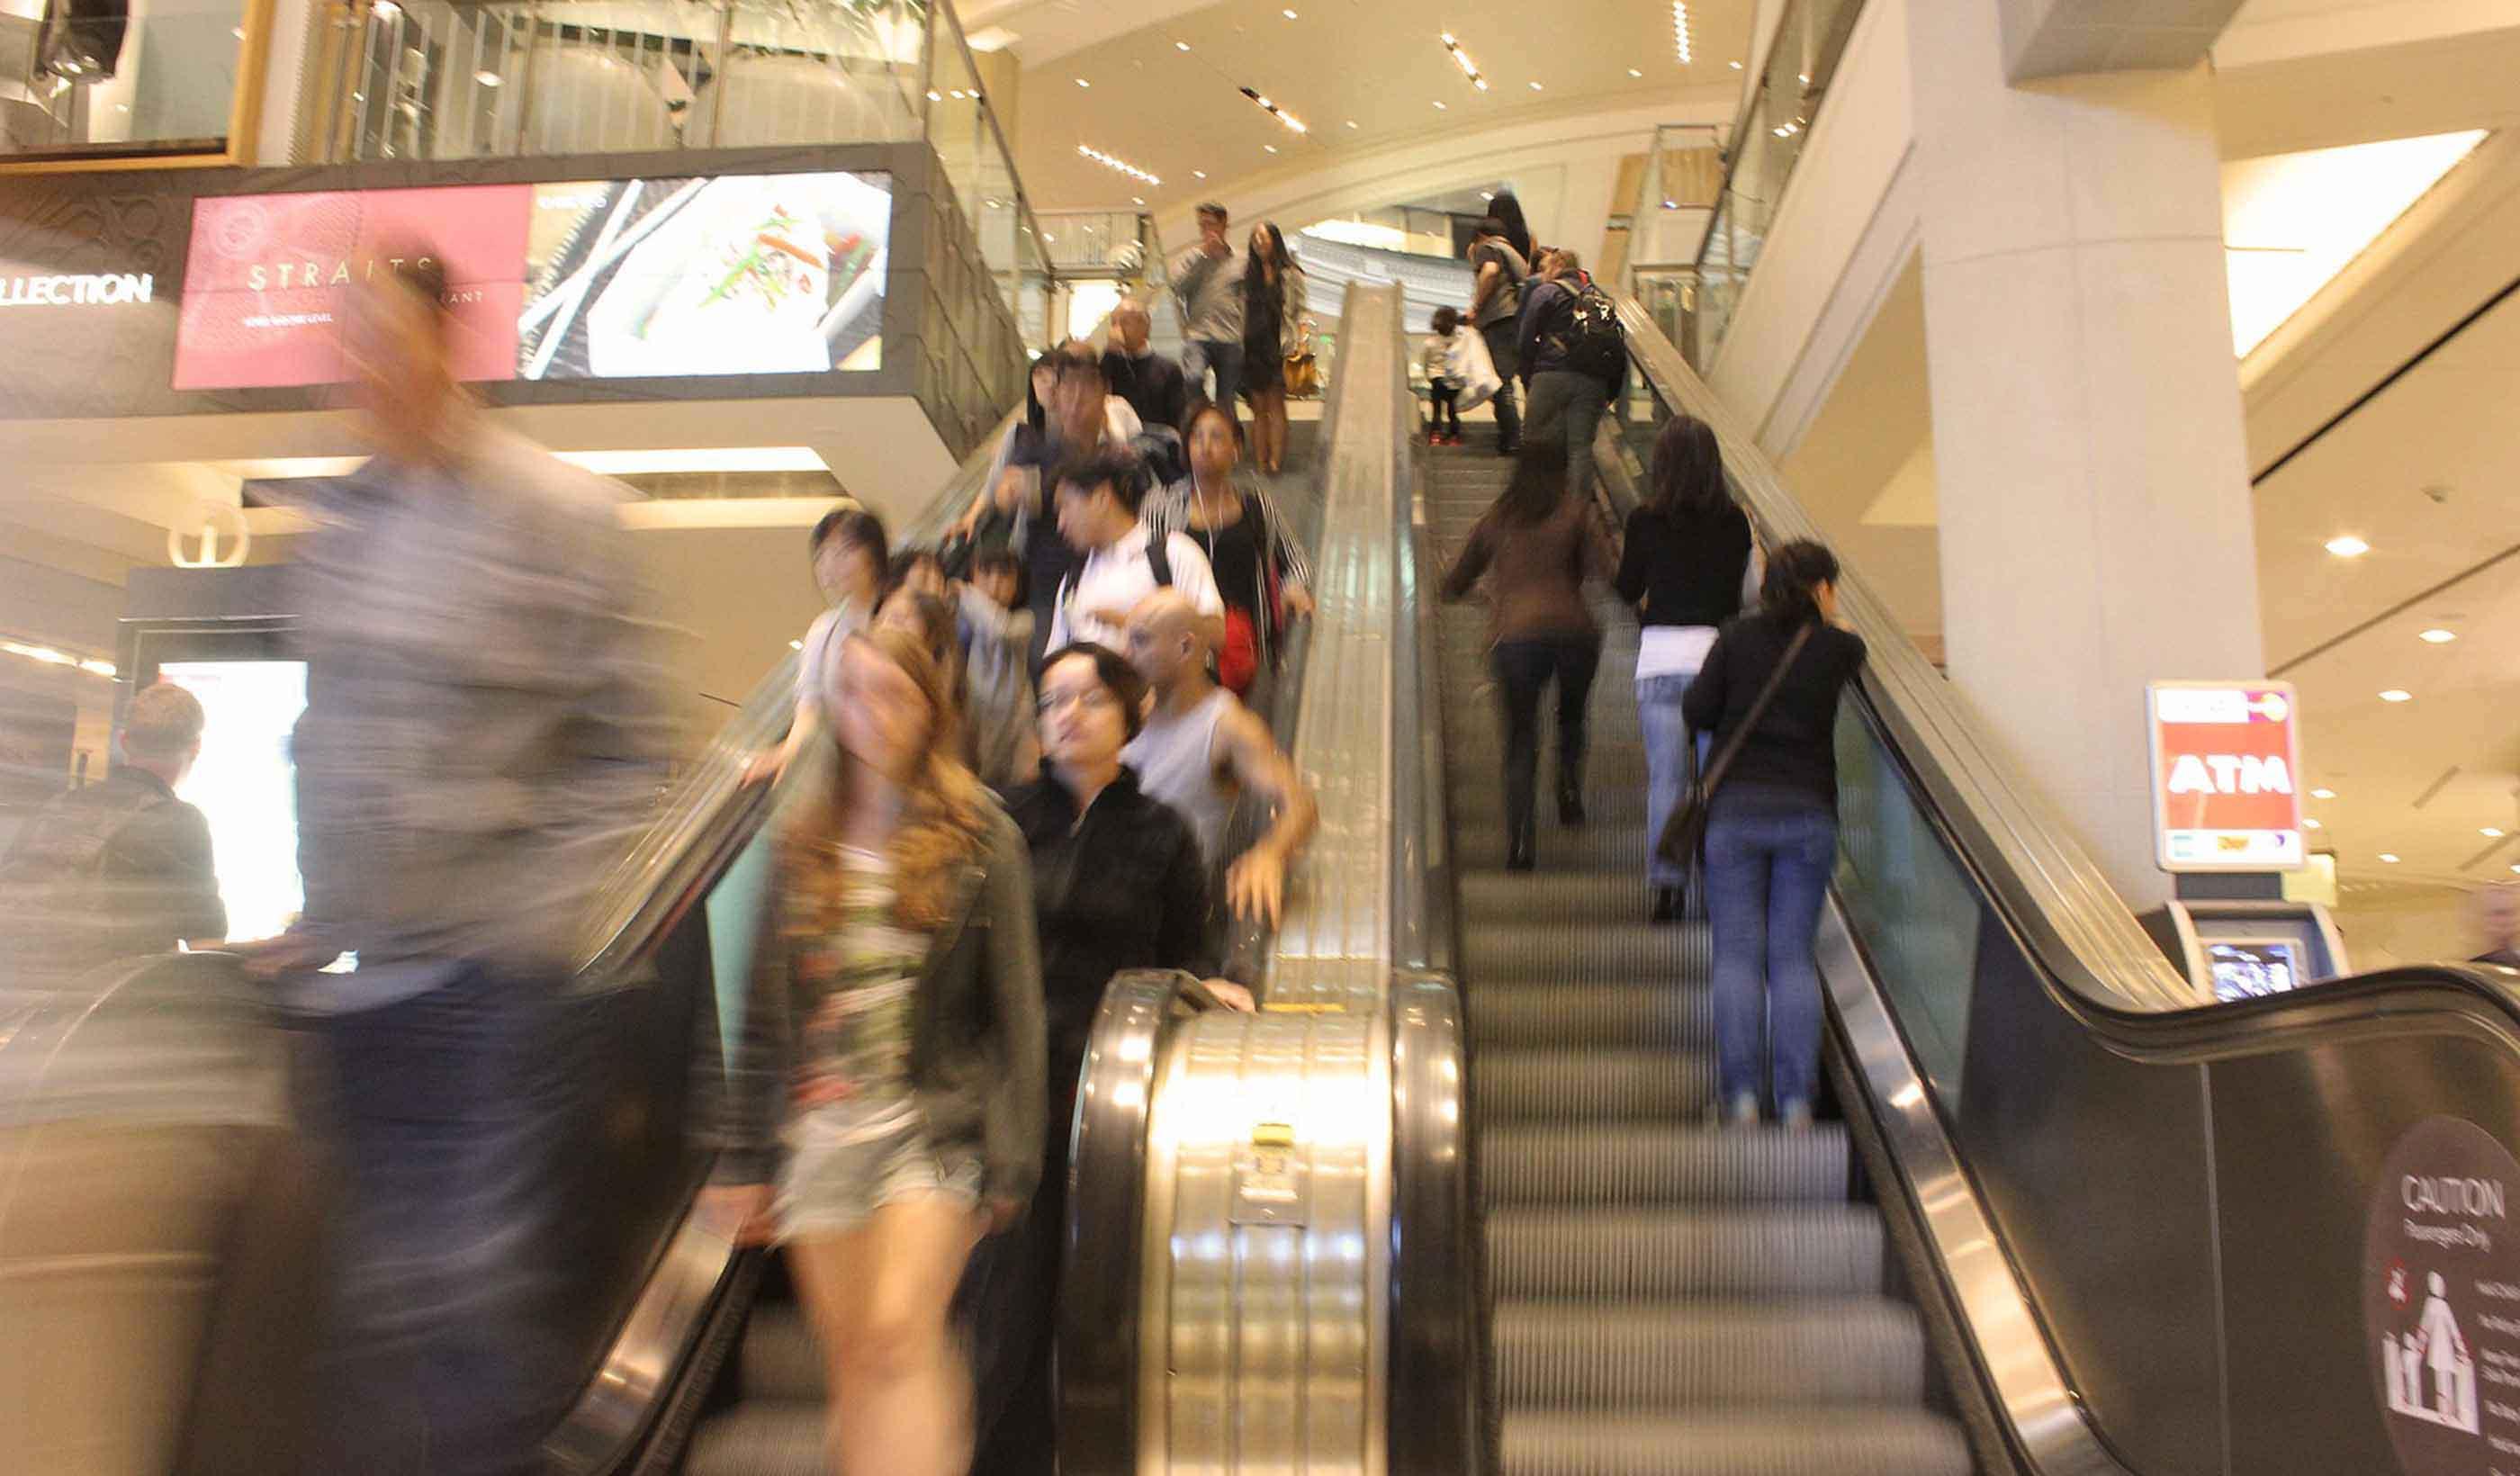 自动扶梯的人们在商城